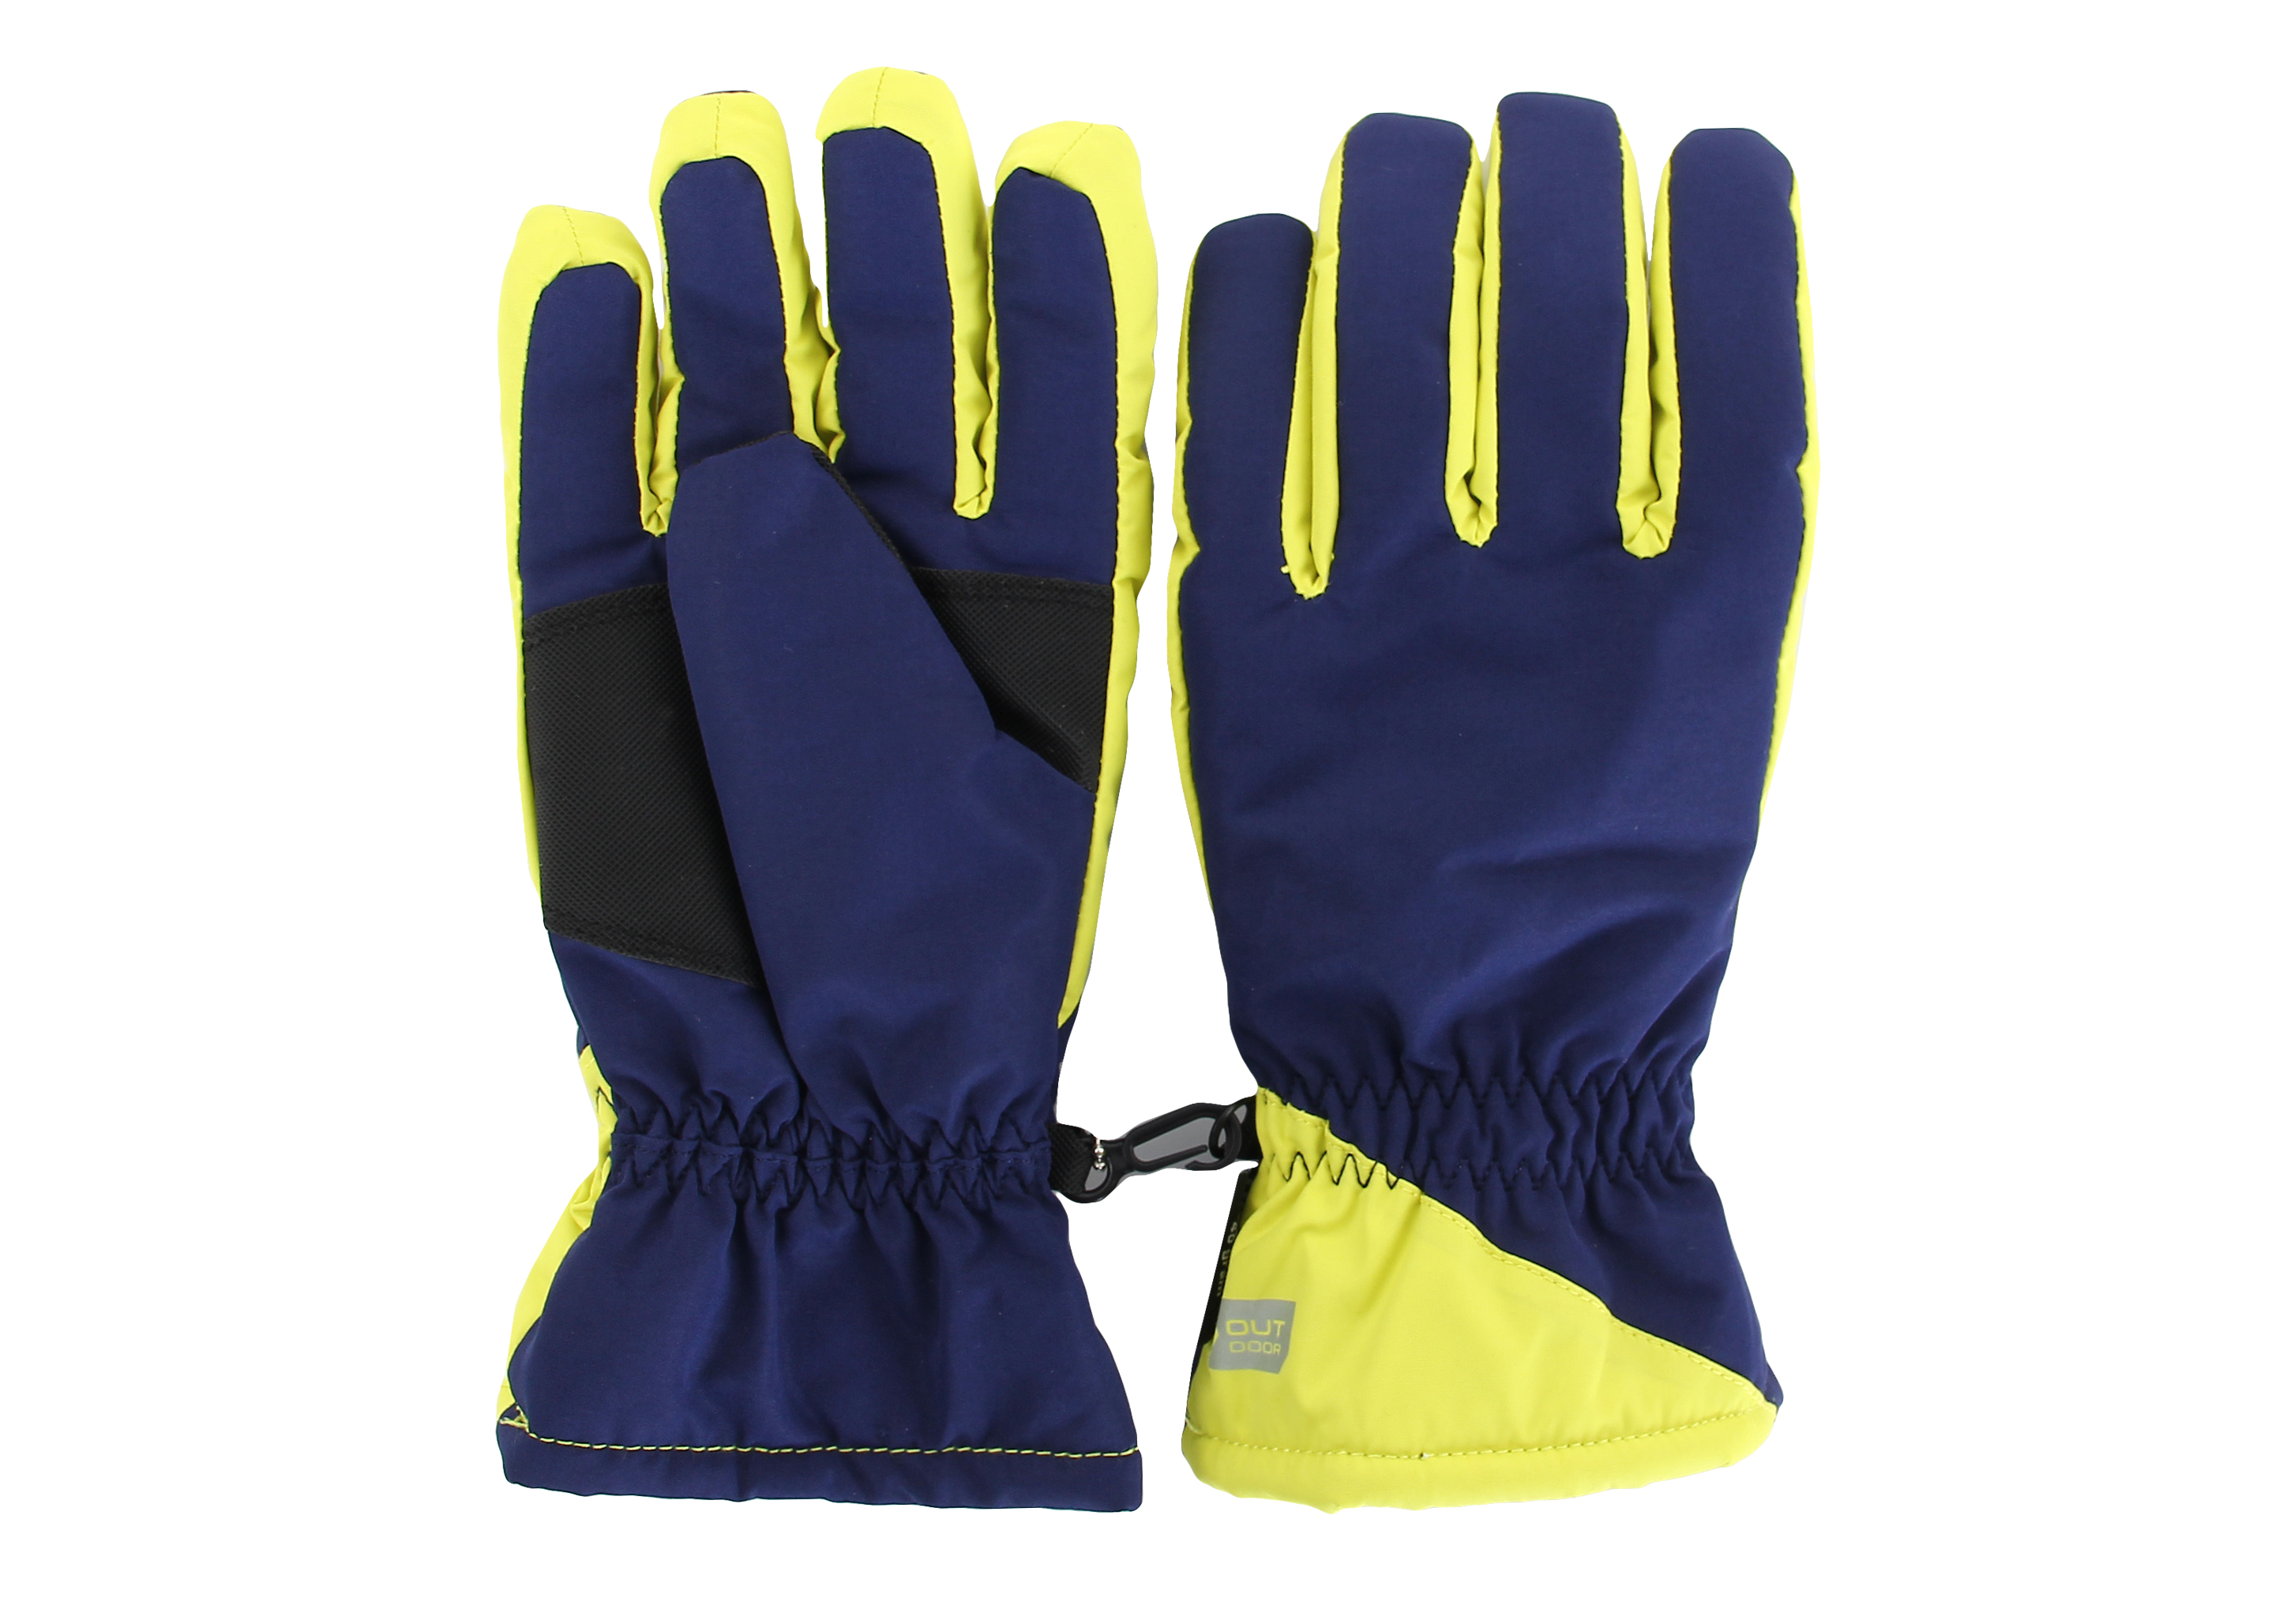 Перчатки женские AS4 синий - Сеть спортивных магазинов Чемпион 9e9215c3944